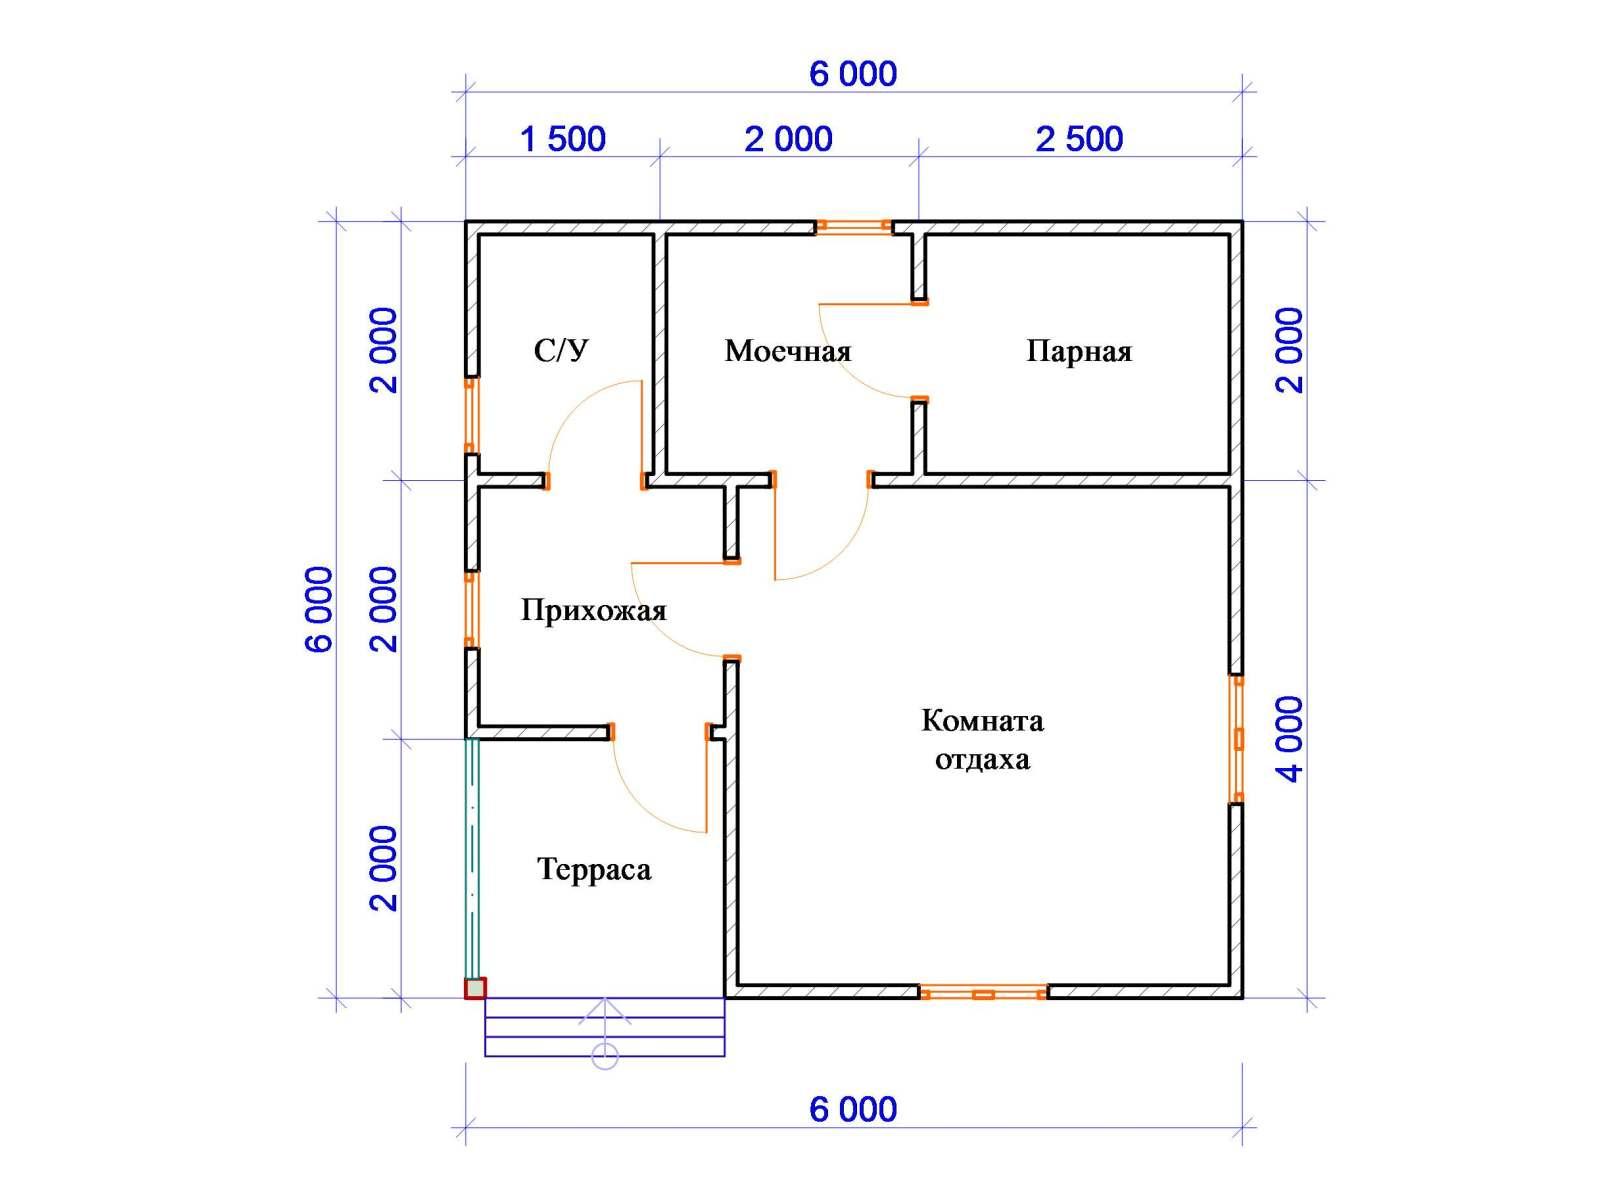 Проект бани 6х6 м с санузлом